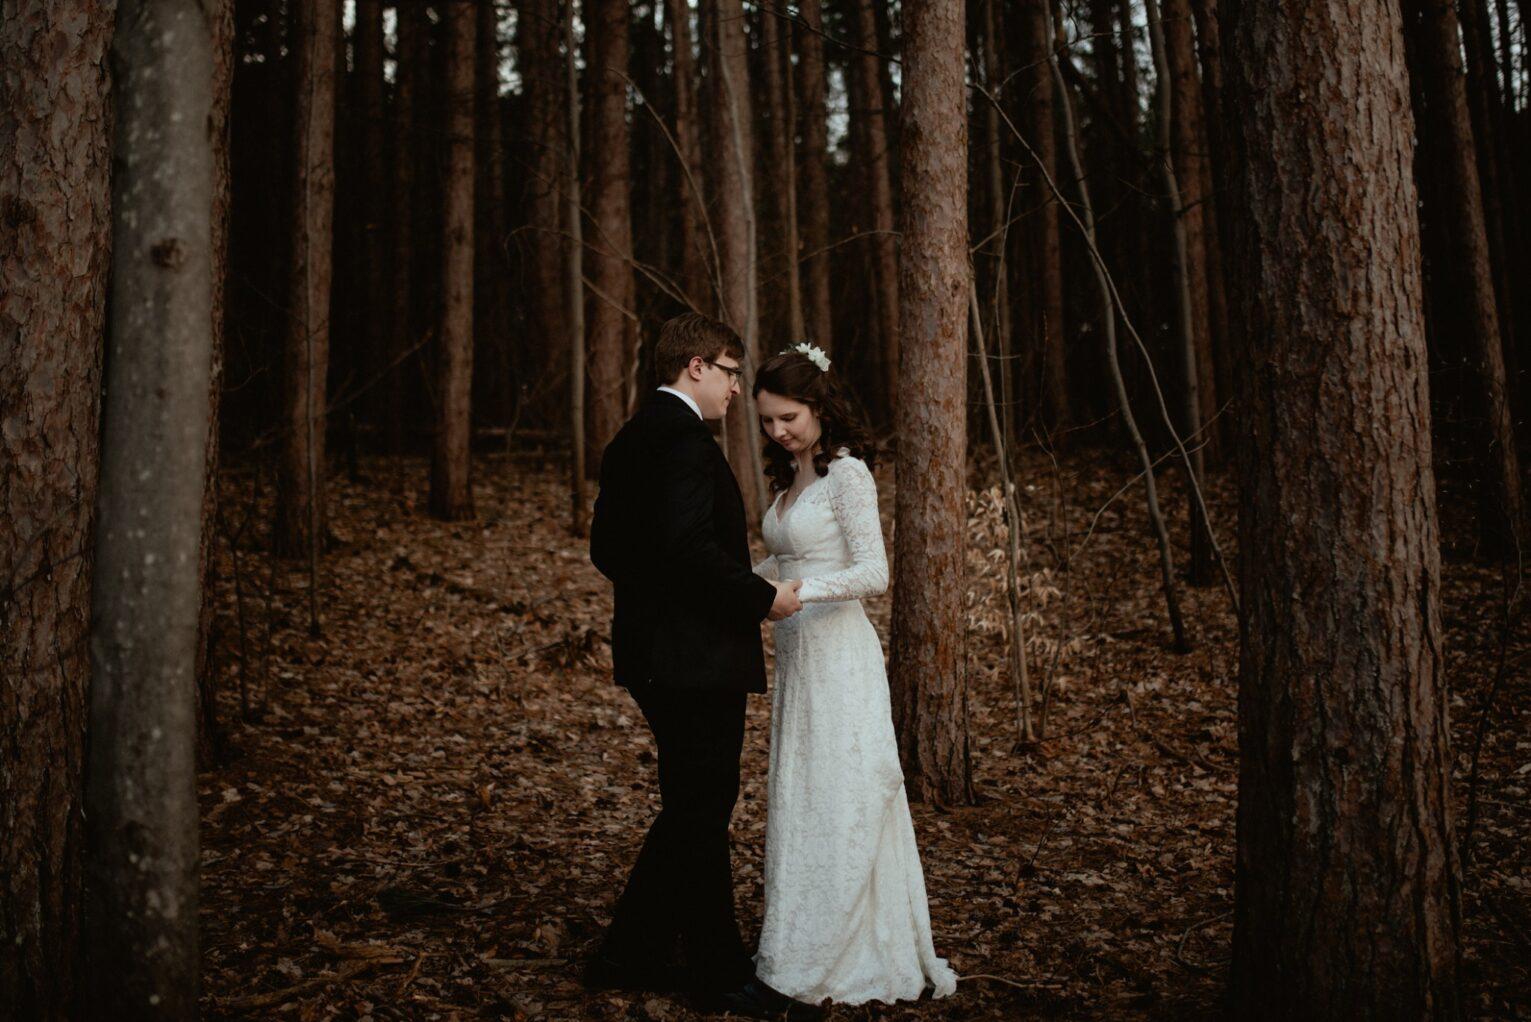 Elopement in the woods in Michigan